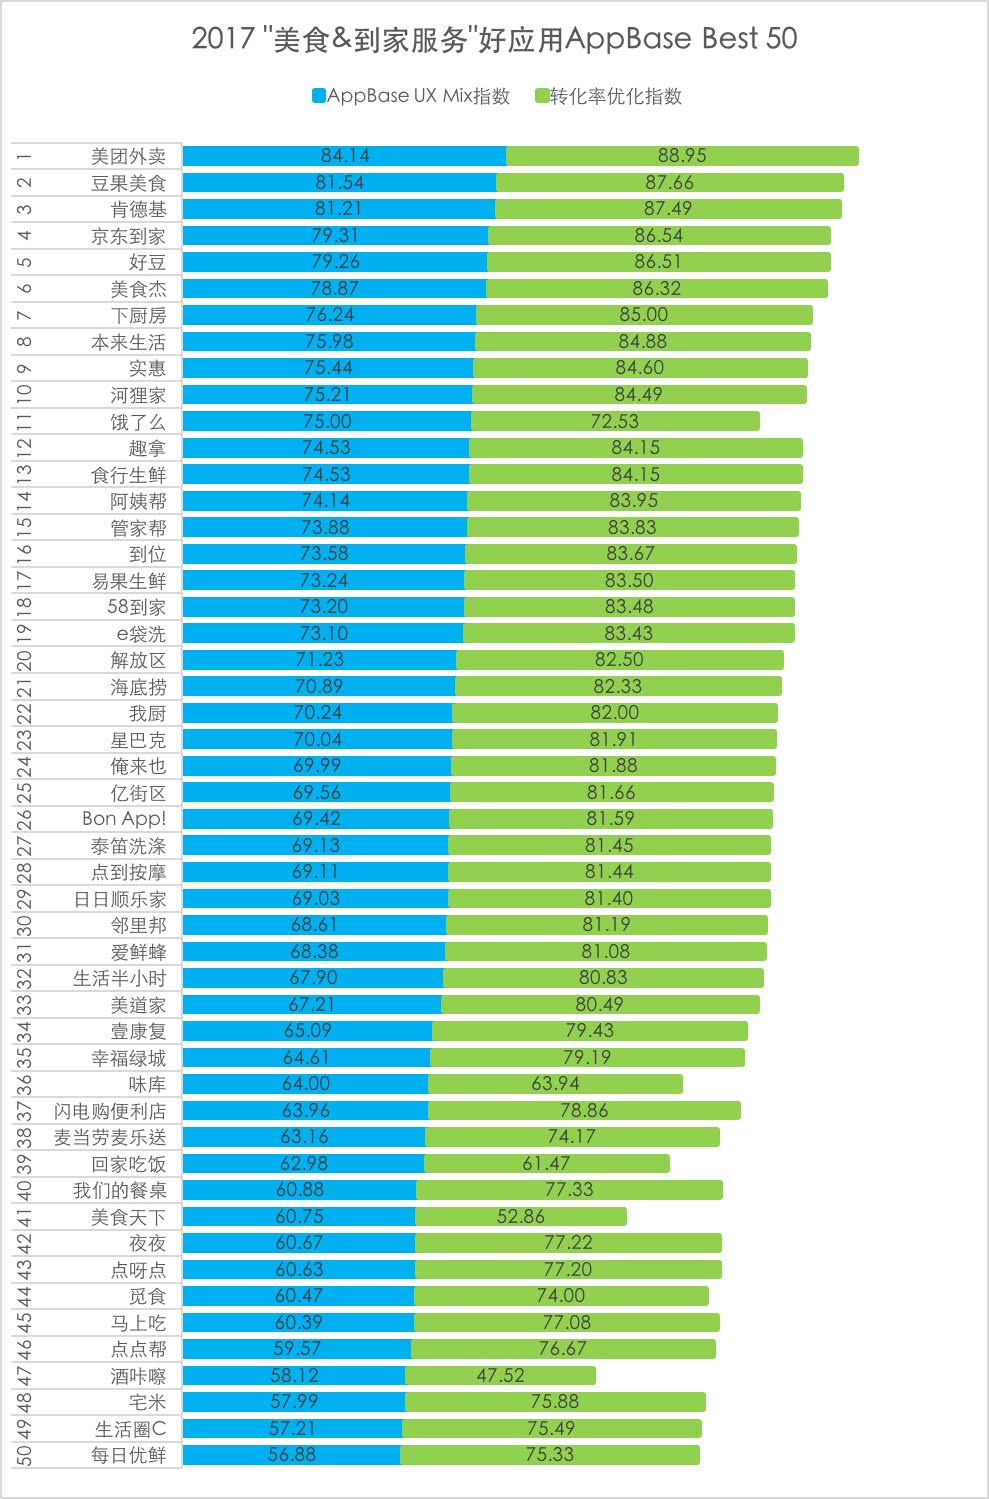 Testin 美食到家服务2017好应用50强报告,城市运行新标配